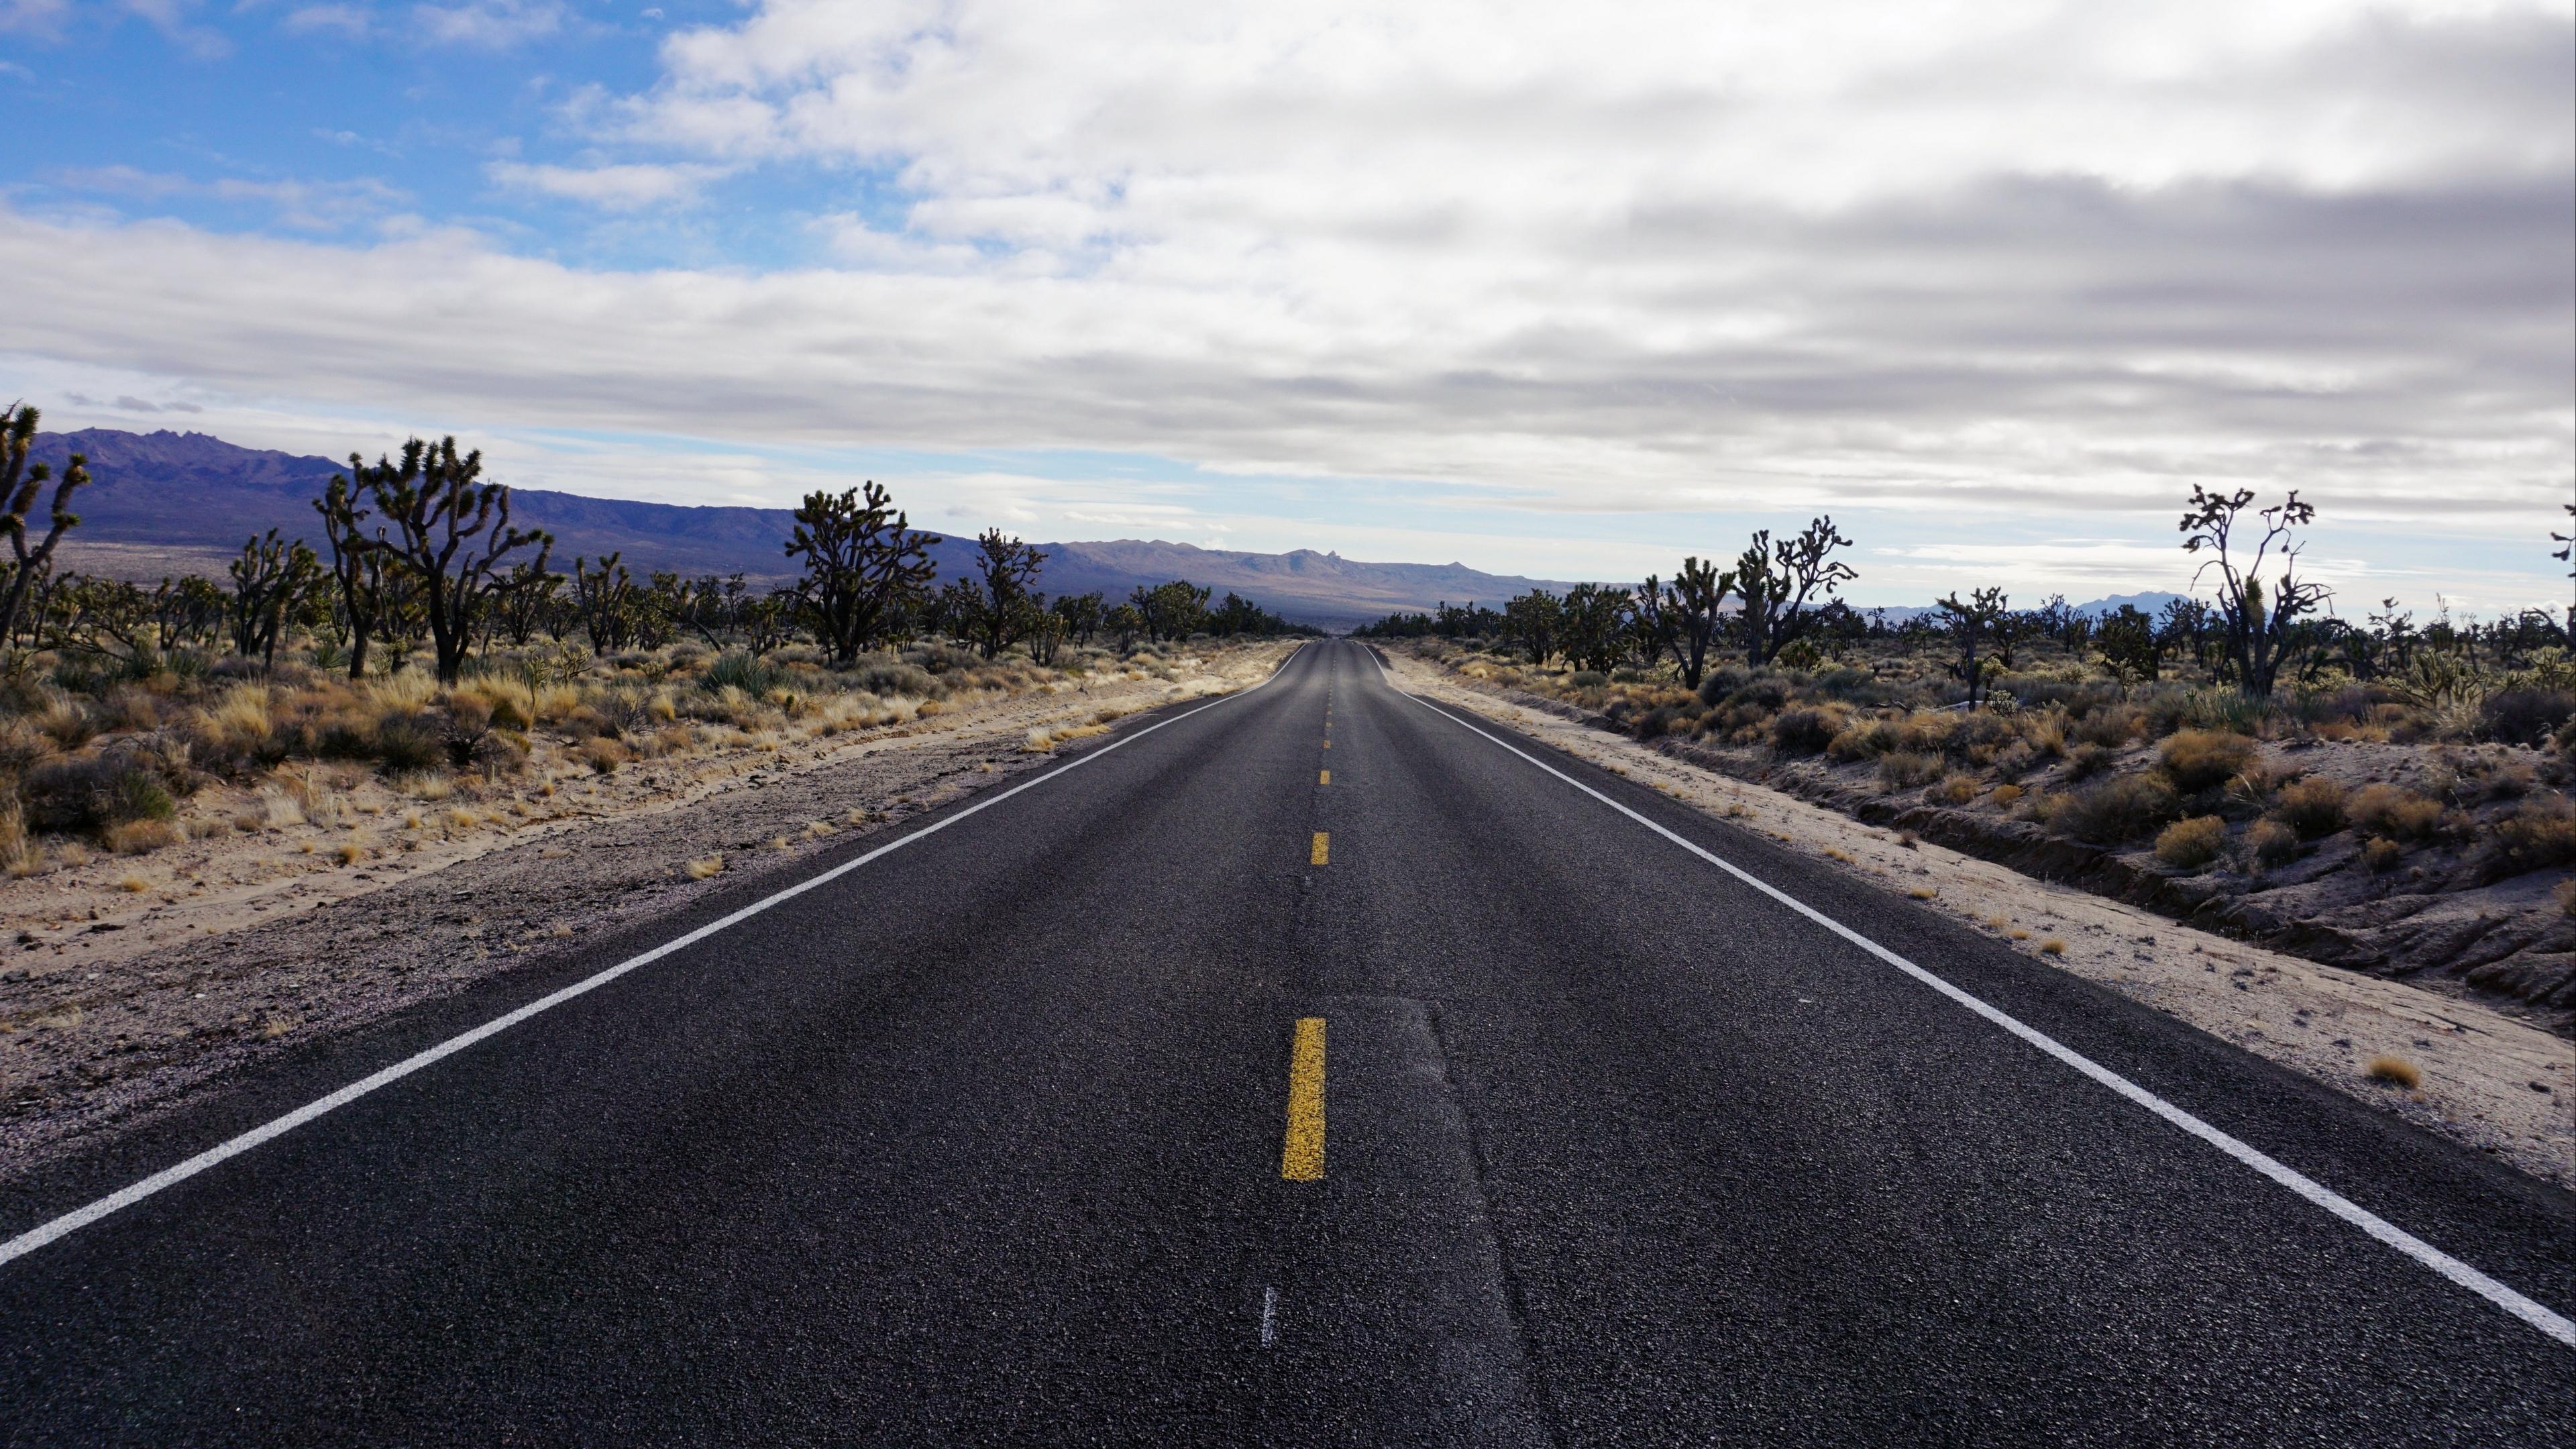 road asphalt desert marking horizon 4k 1541115986 - road, asphalt, desert, marking, horizon 4k - Road, Desert, asphalt